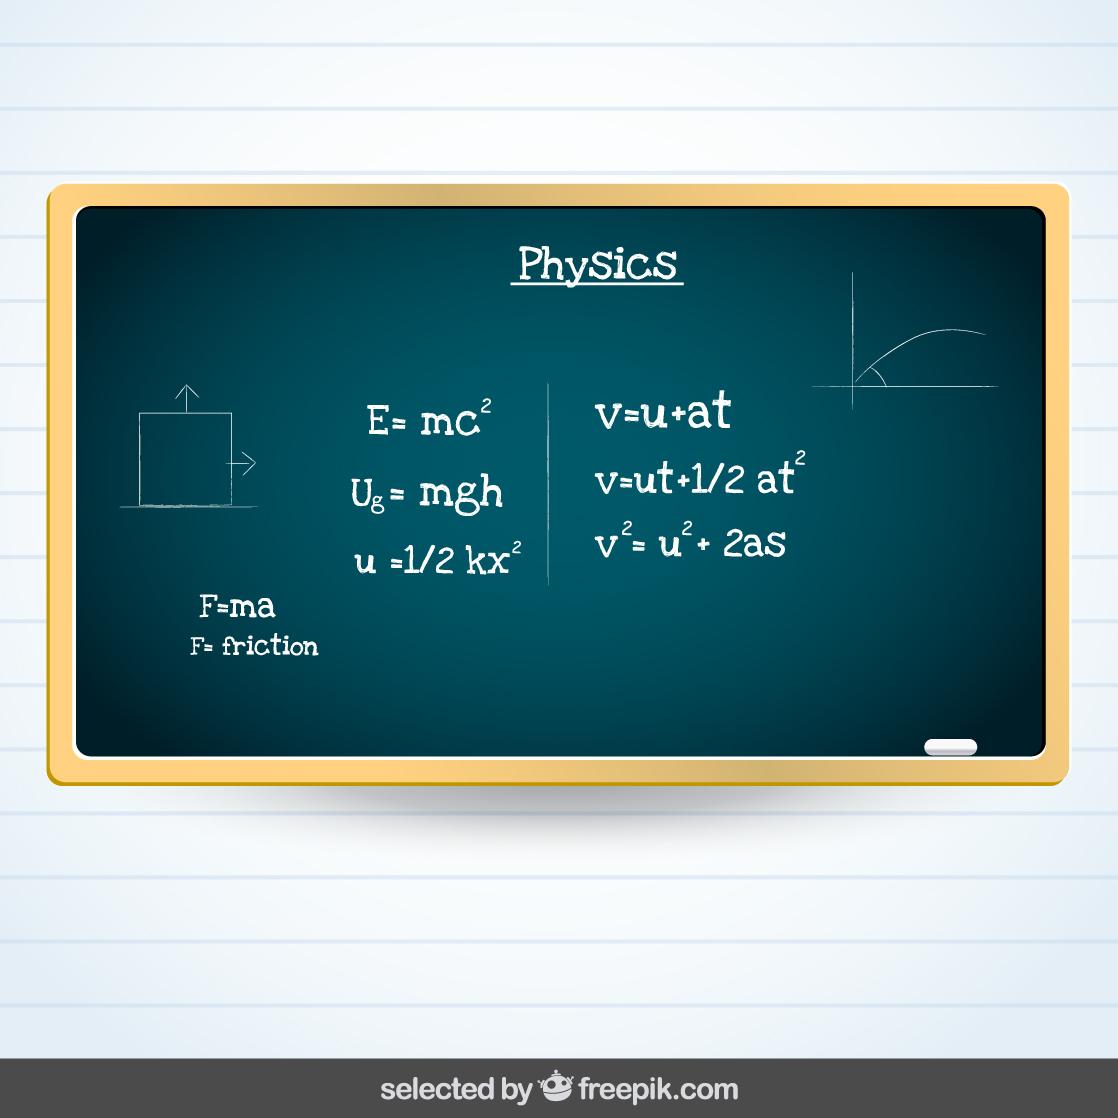 Результати іспиту з фізики на основі повної загальної середньої освіти — 09.07.2021